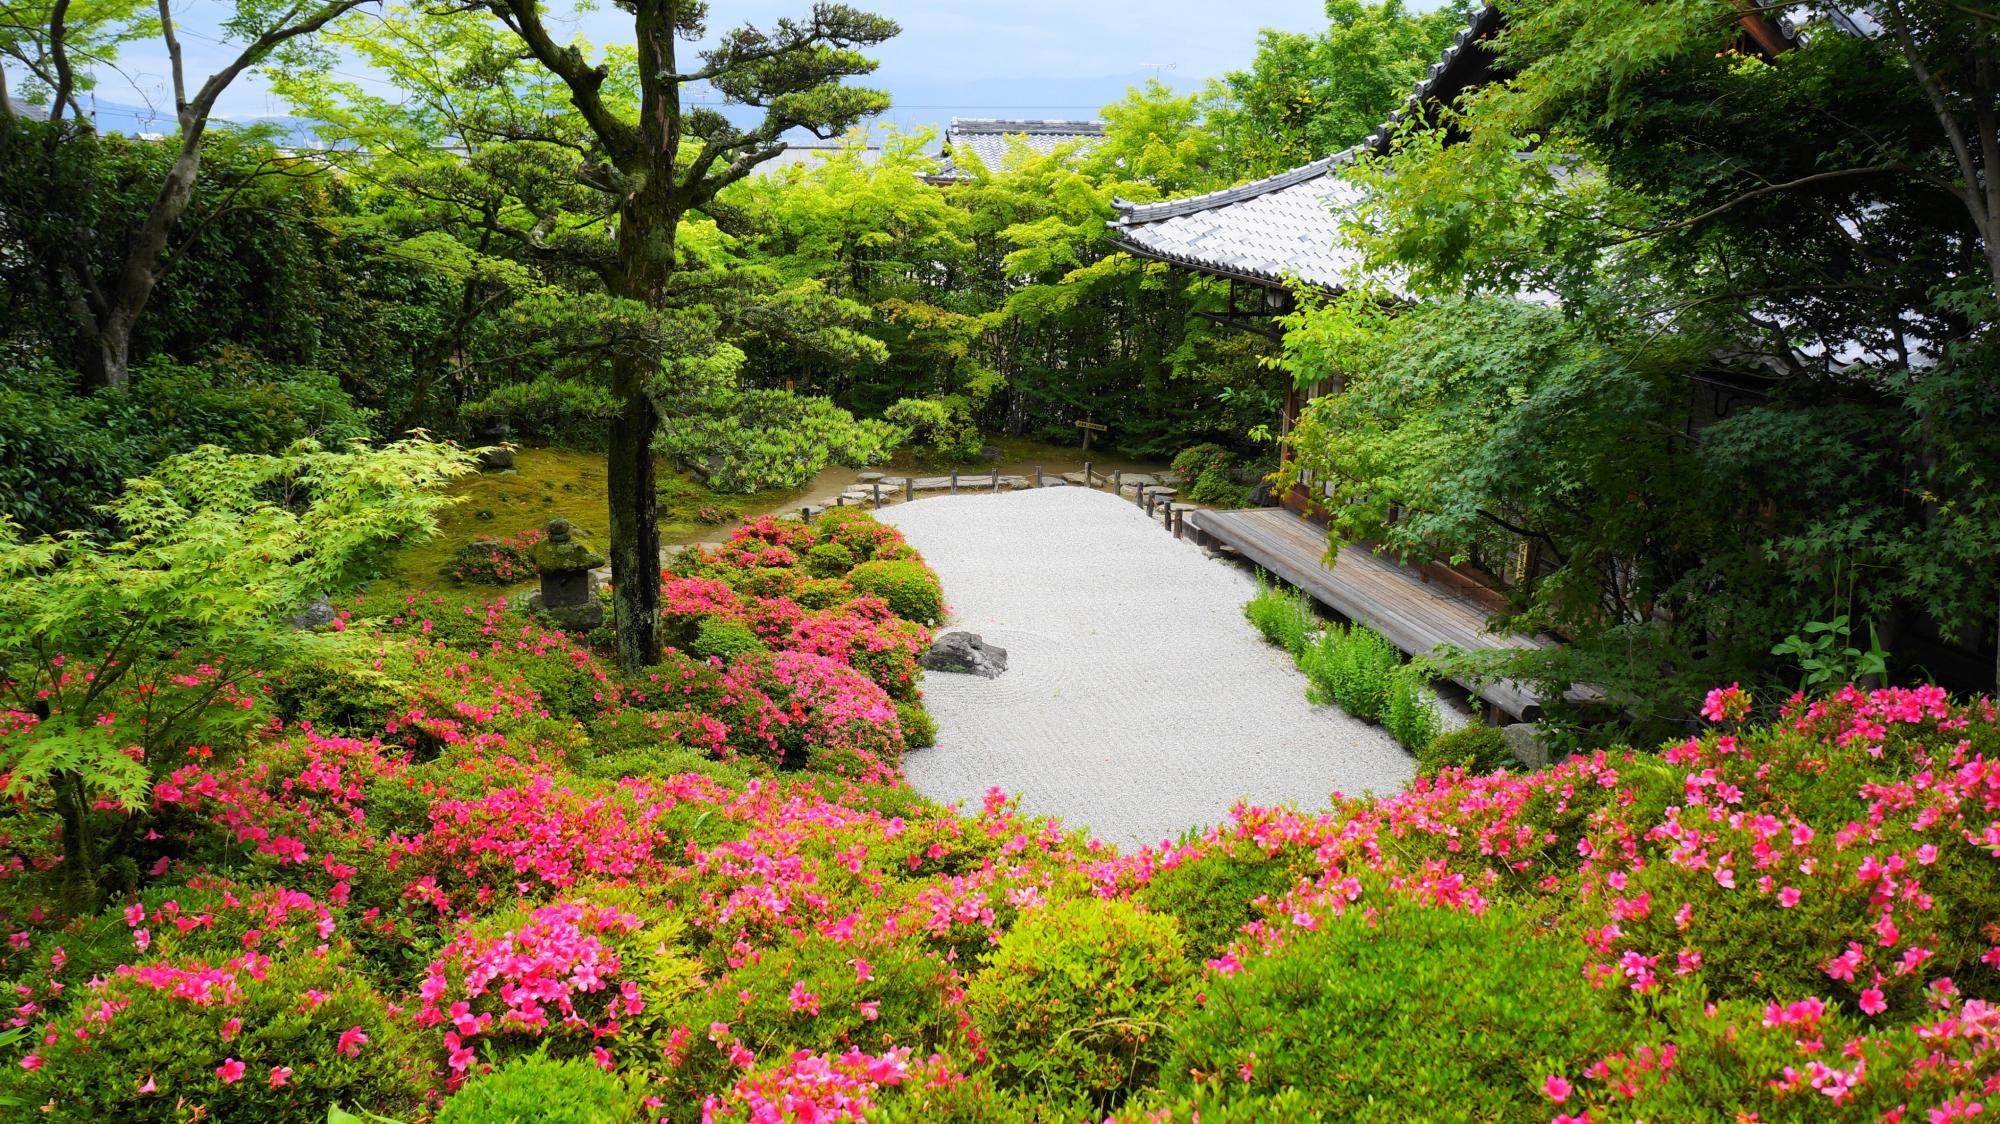 上からの眺めた違った雰囲気が楽しめる庭園とサツキ